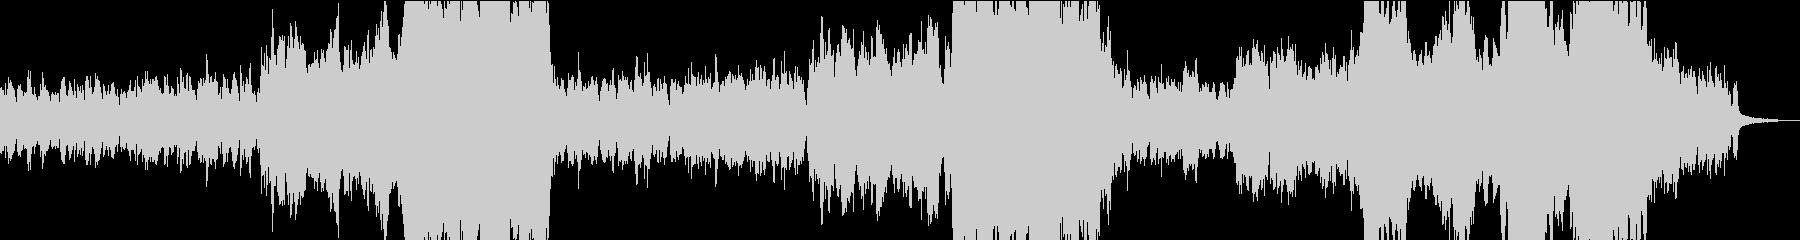 流星群をイメージしたBGMの未再生の波形